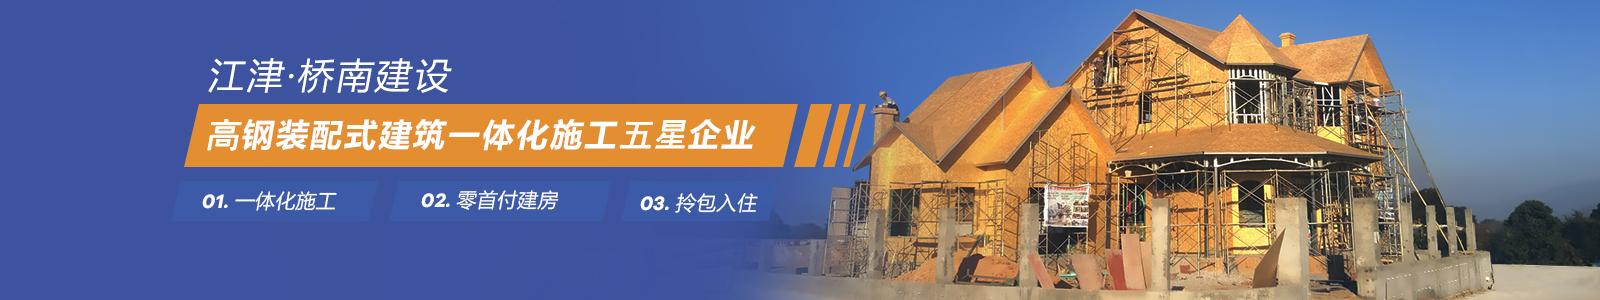 江津·ballbet贝博app建设-ballbet手机装配式建筑一体化施工龙头企业